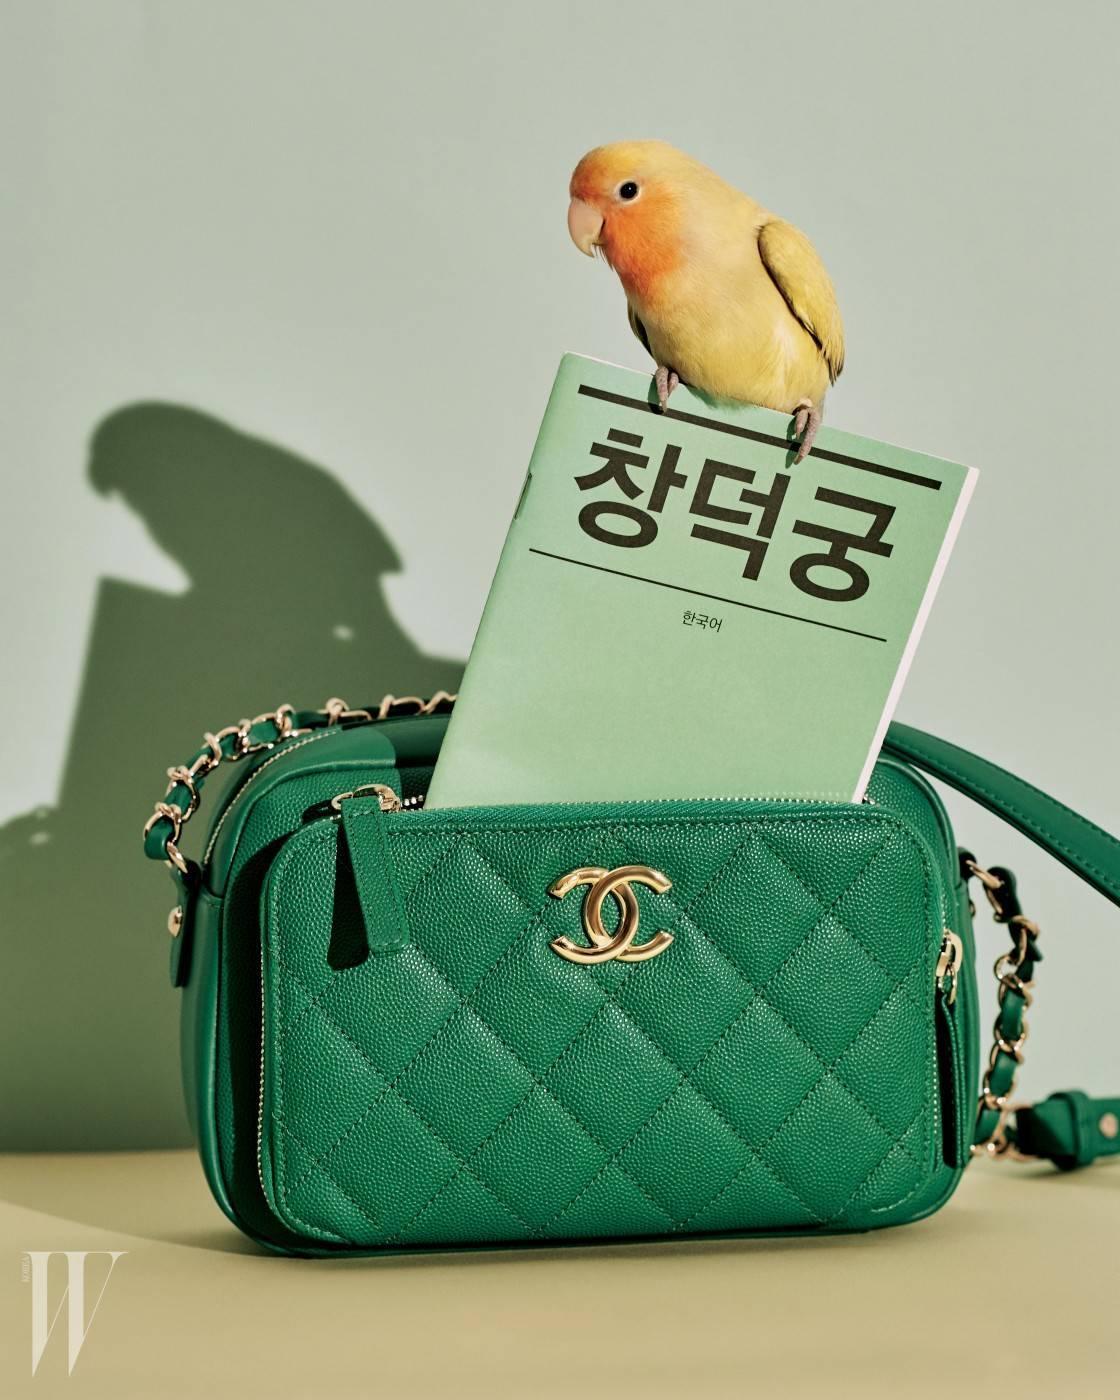 초록색 퀼팅 가죽 백은 샤넬 제품. 가격 미정.